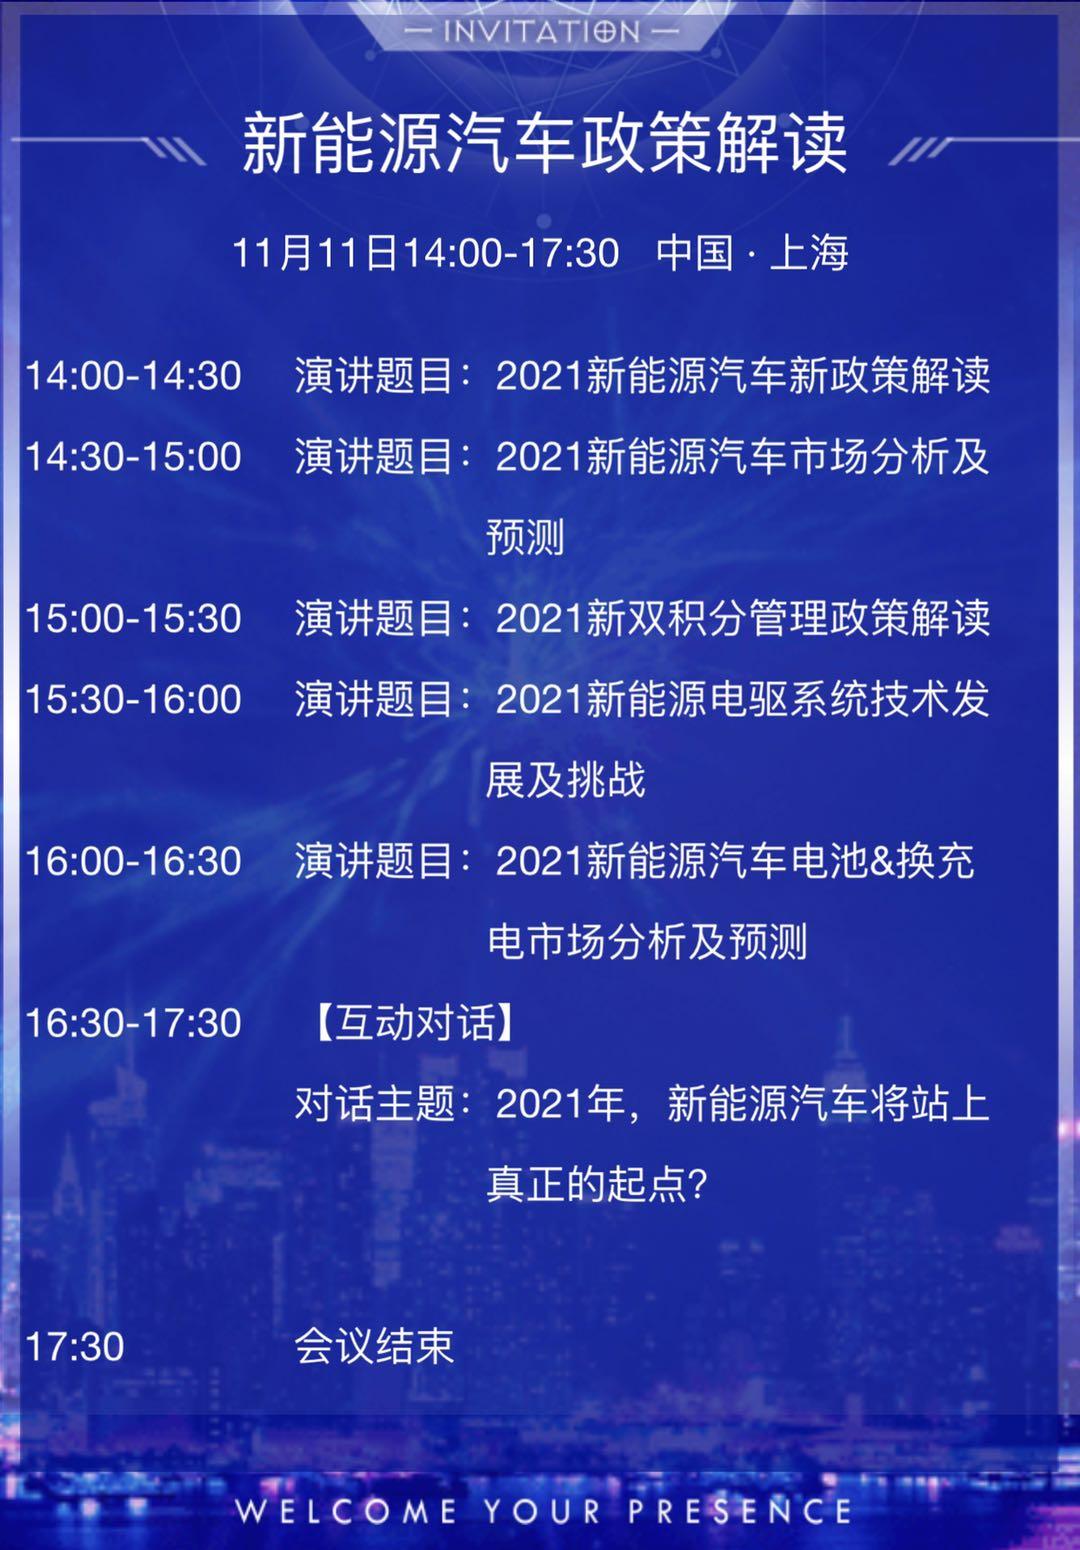 """第二届中国与亚洲汽车产业先进技术年会暨博览会——""""活力"""""""